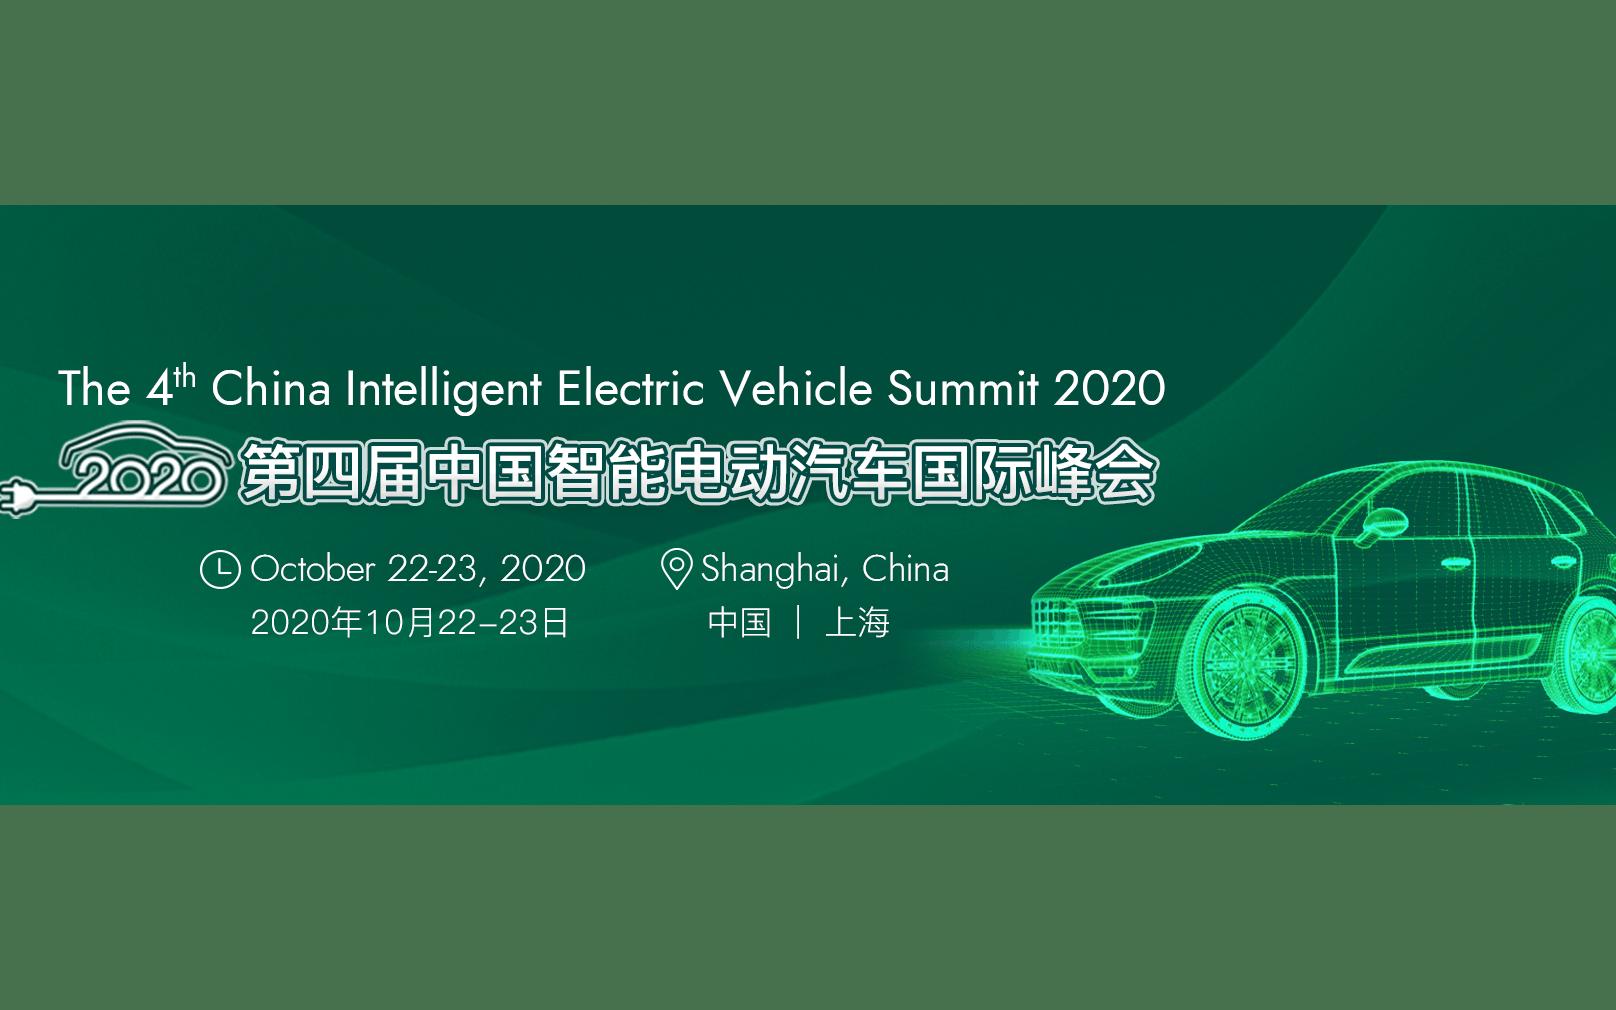 2020年第四届中国智能电动汽车国际峰会